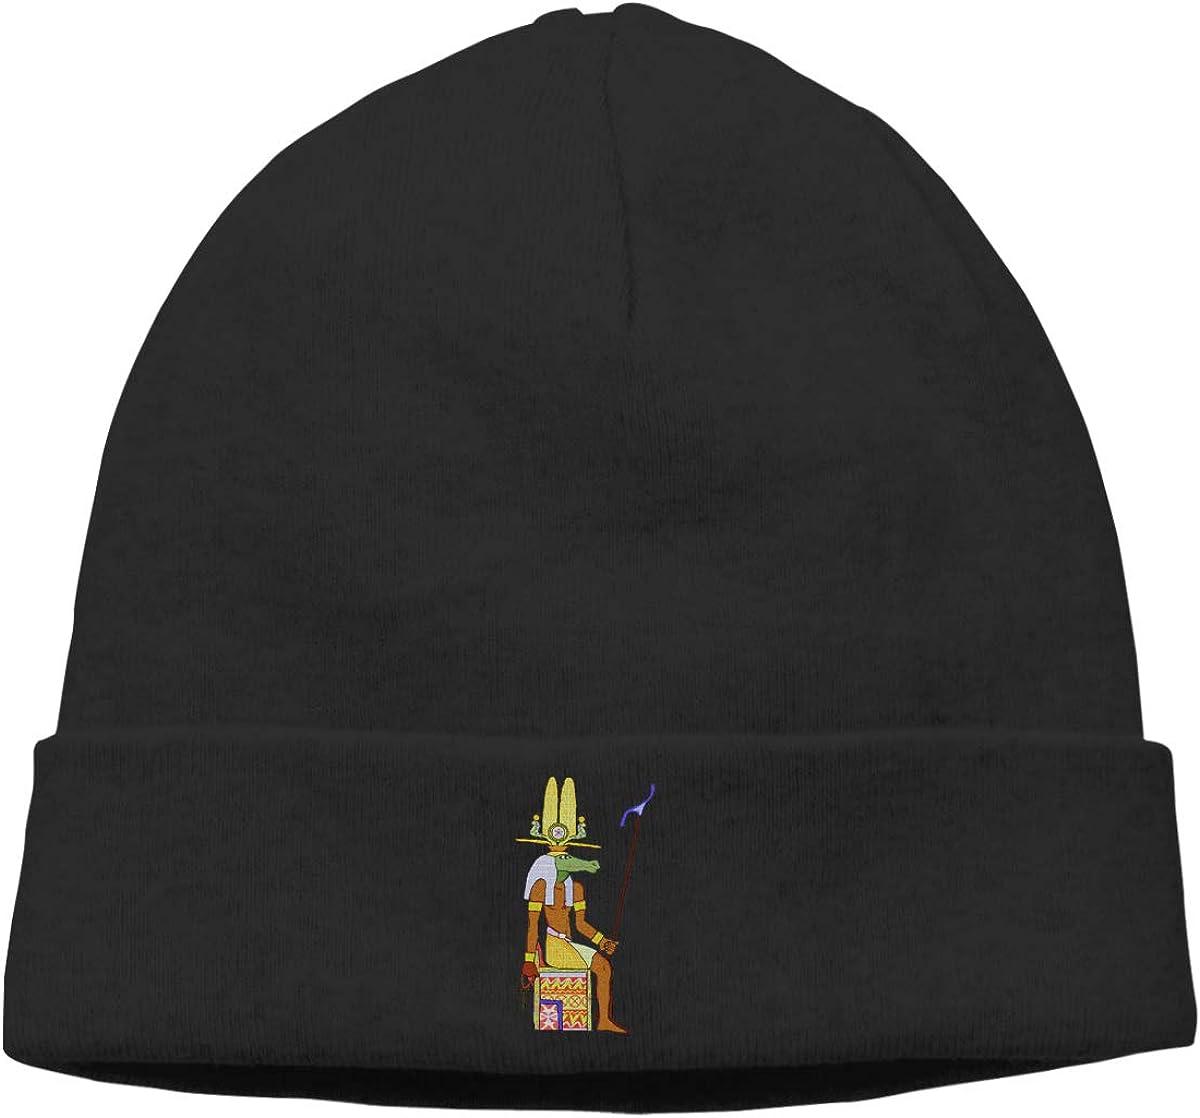 Riokk az Sobek Crocodile Fertility God Knit Caps Beanie Hat Skull for Men Black